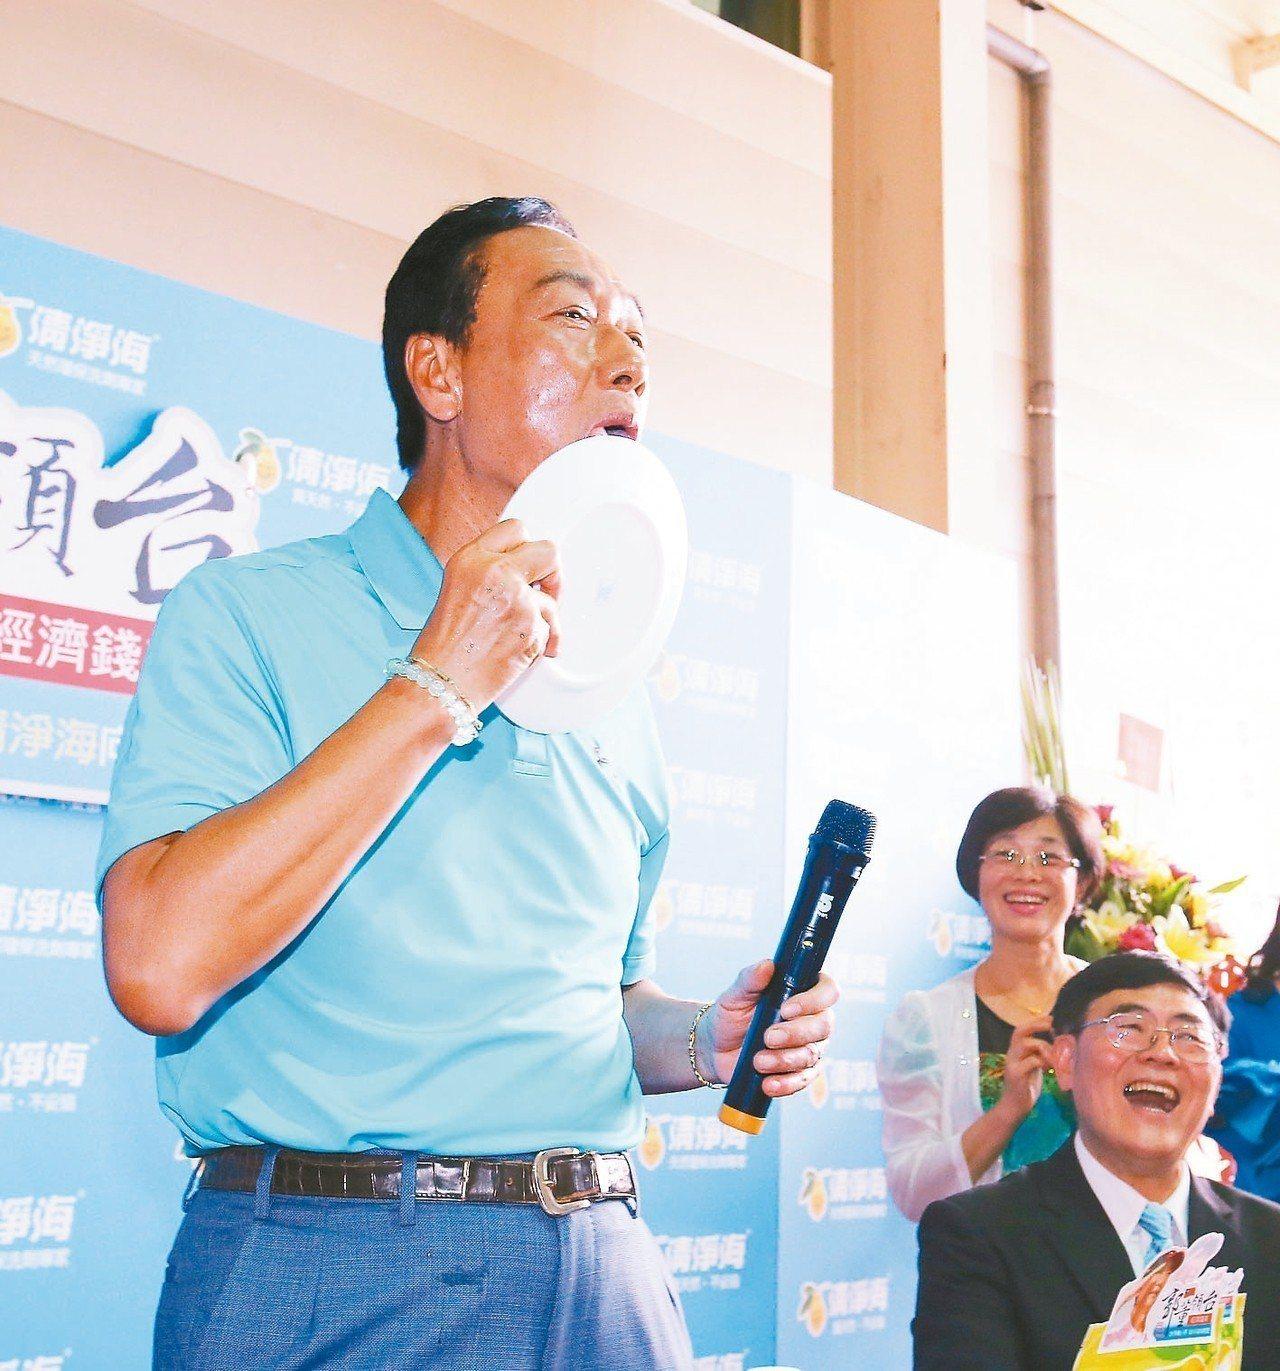 鴻海董事長郭台銘上午到桃園市參訪清淨海生技公司,試用清淨海的環保產品洗盤子,大讚...